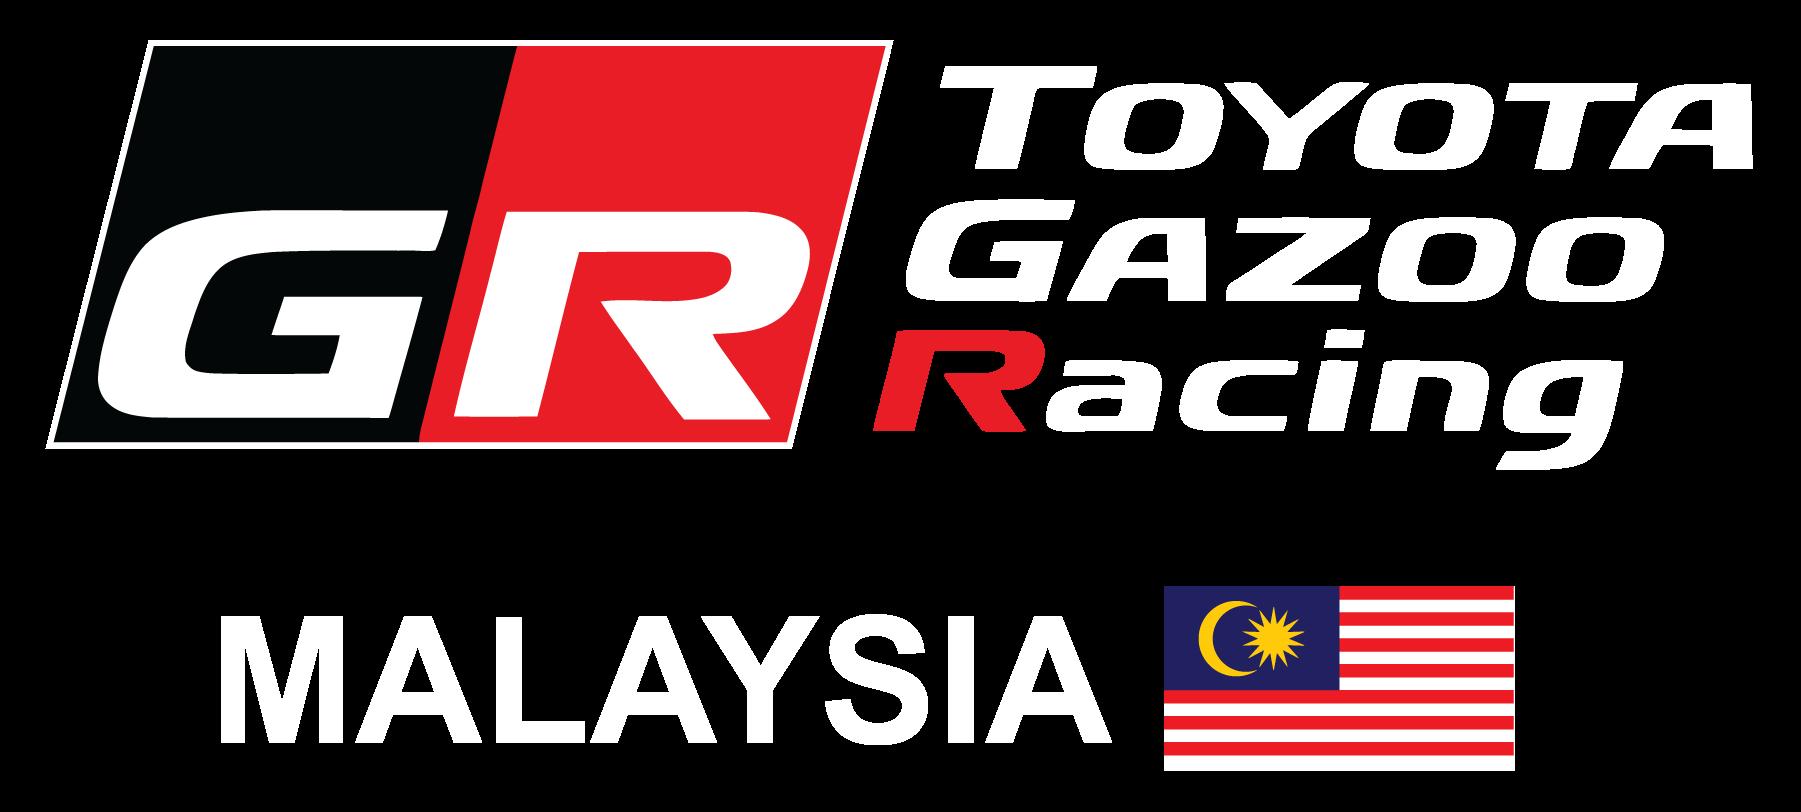 Toyota GR Velocity 2020